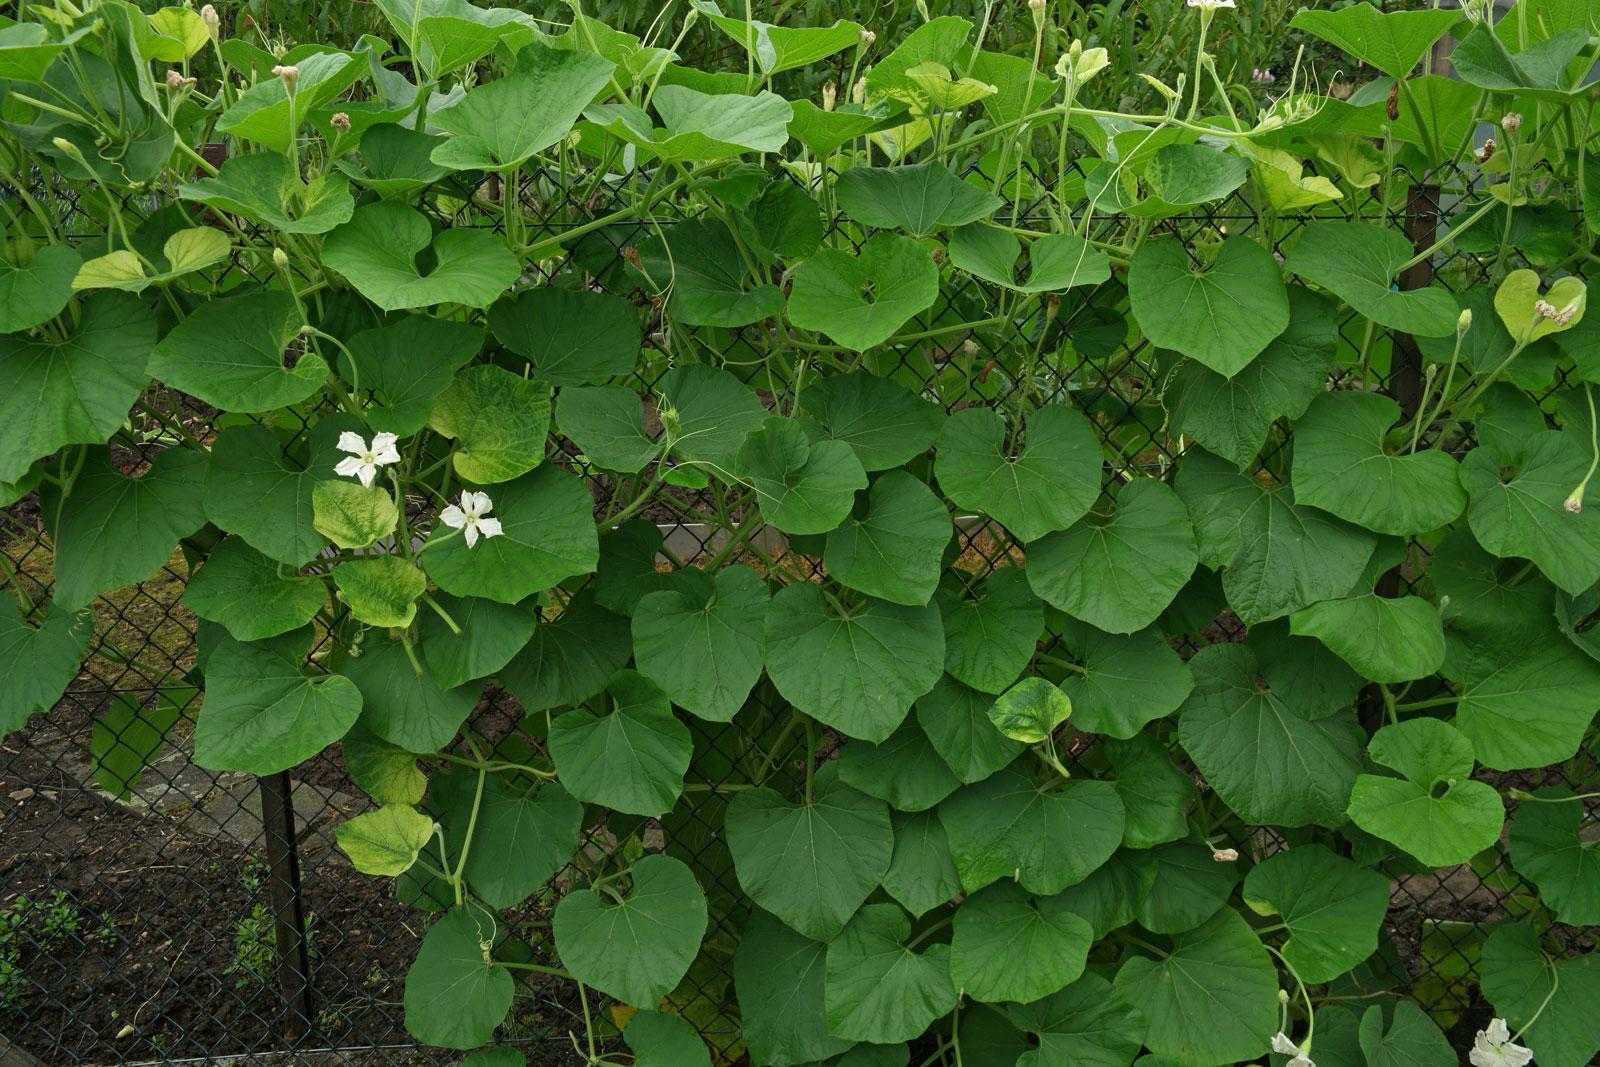 Lagenaria siceraria